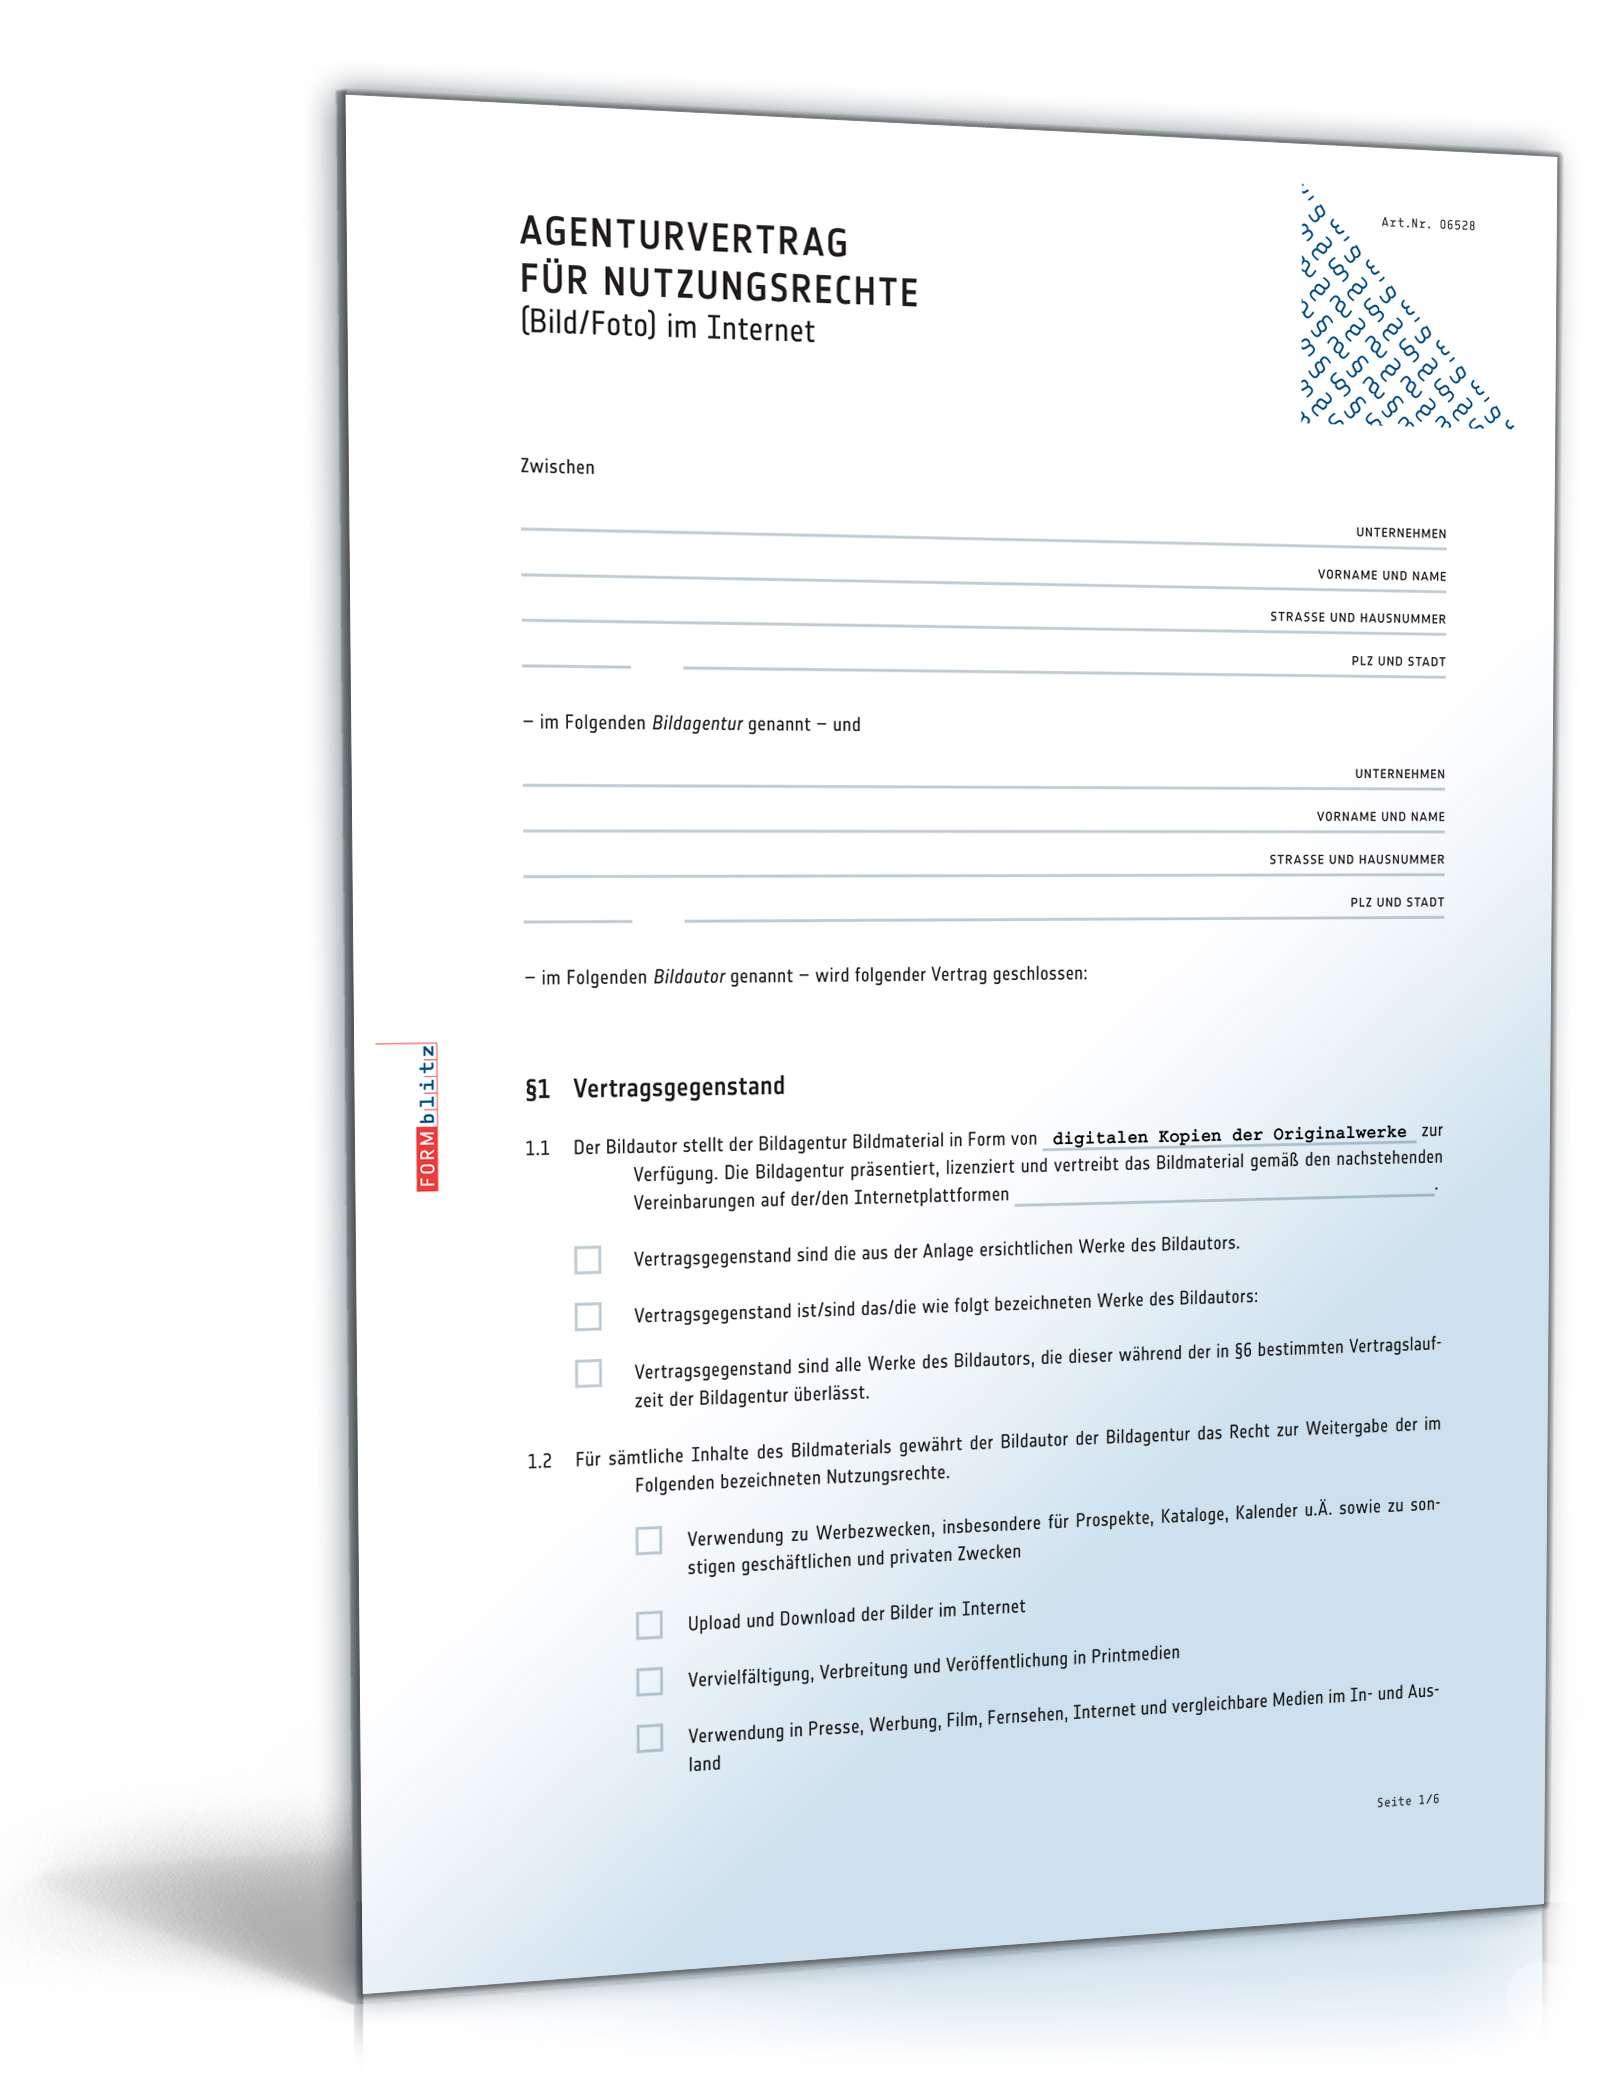 Agenturvertrag Nutzungsrechte Bild Im Internet Muster Zum Download